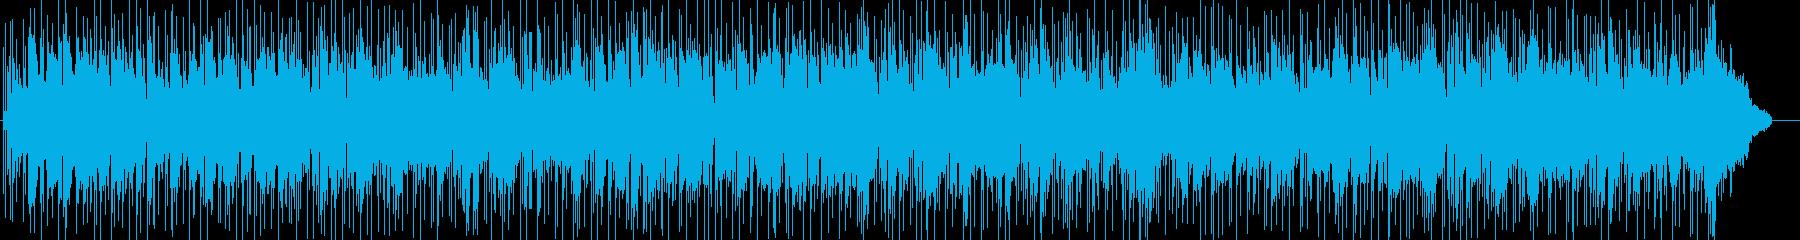 アコギとエレピとフルートの優しいポップの再生済みの波形